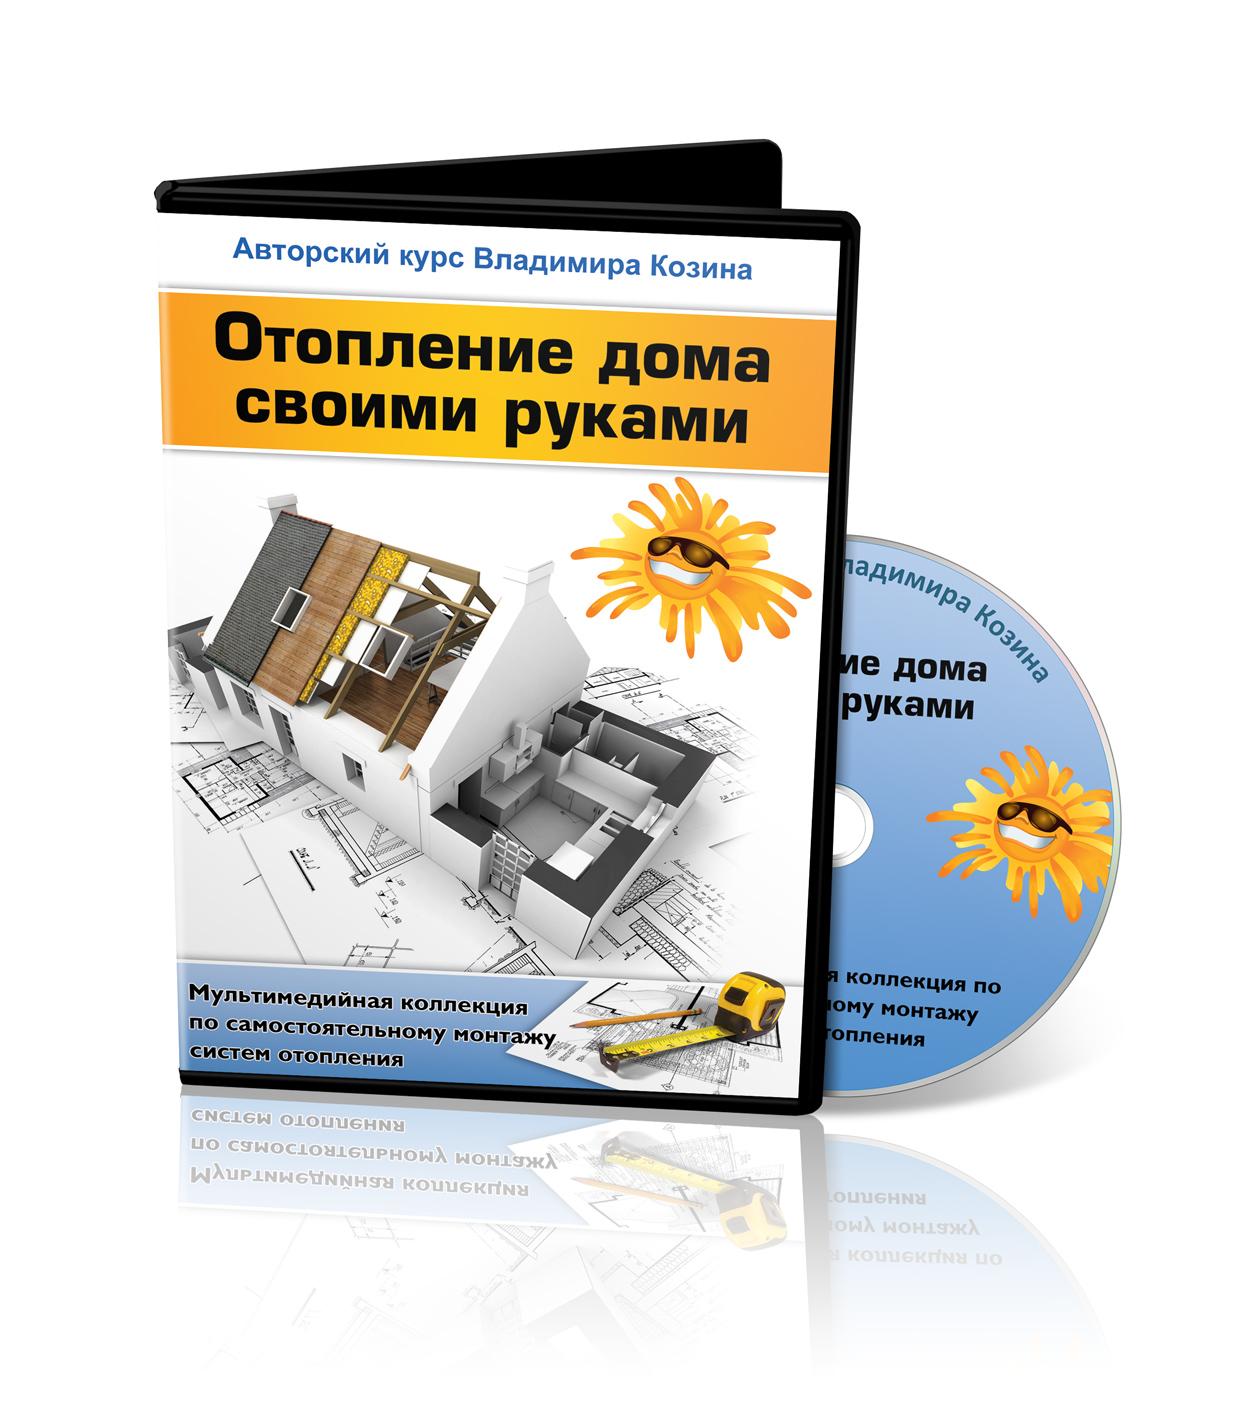 Владимир Козин - Отопление дома своими руками.jpg